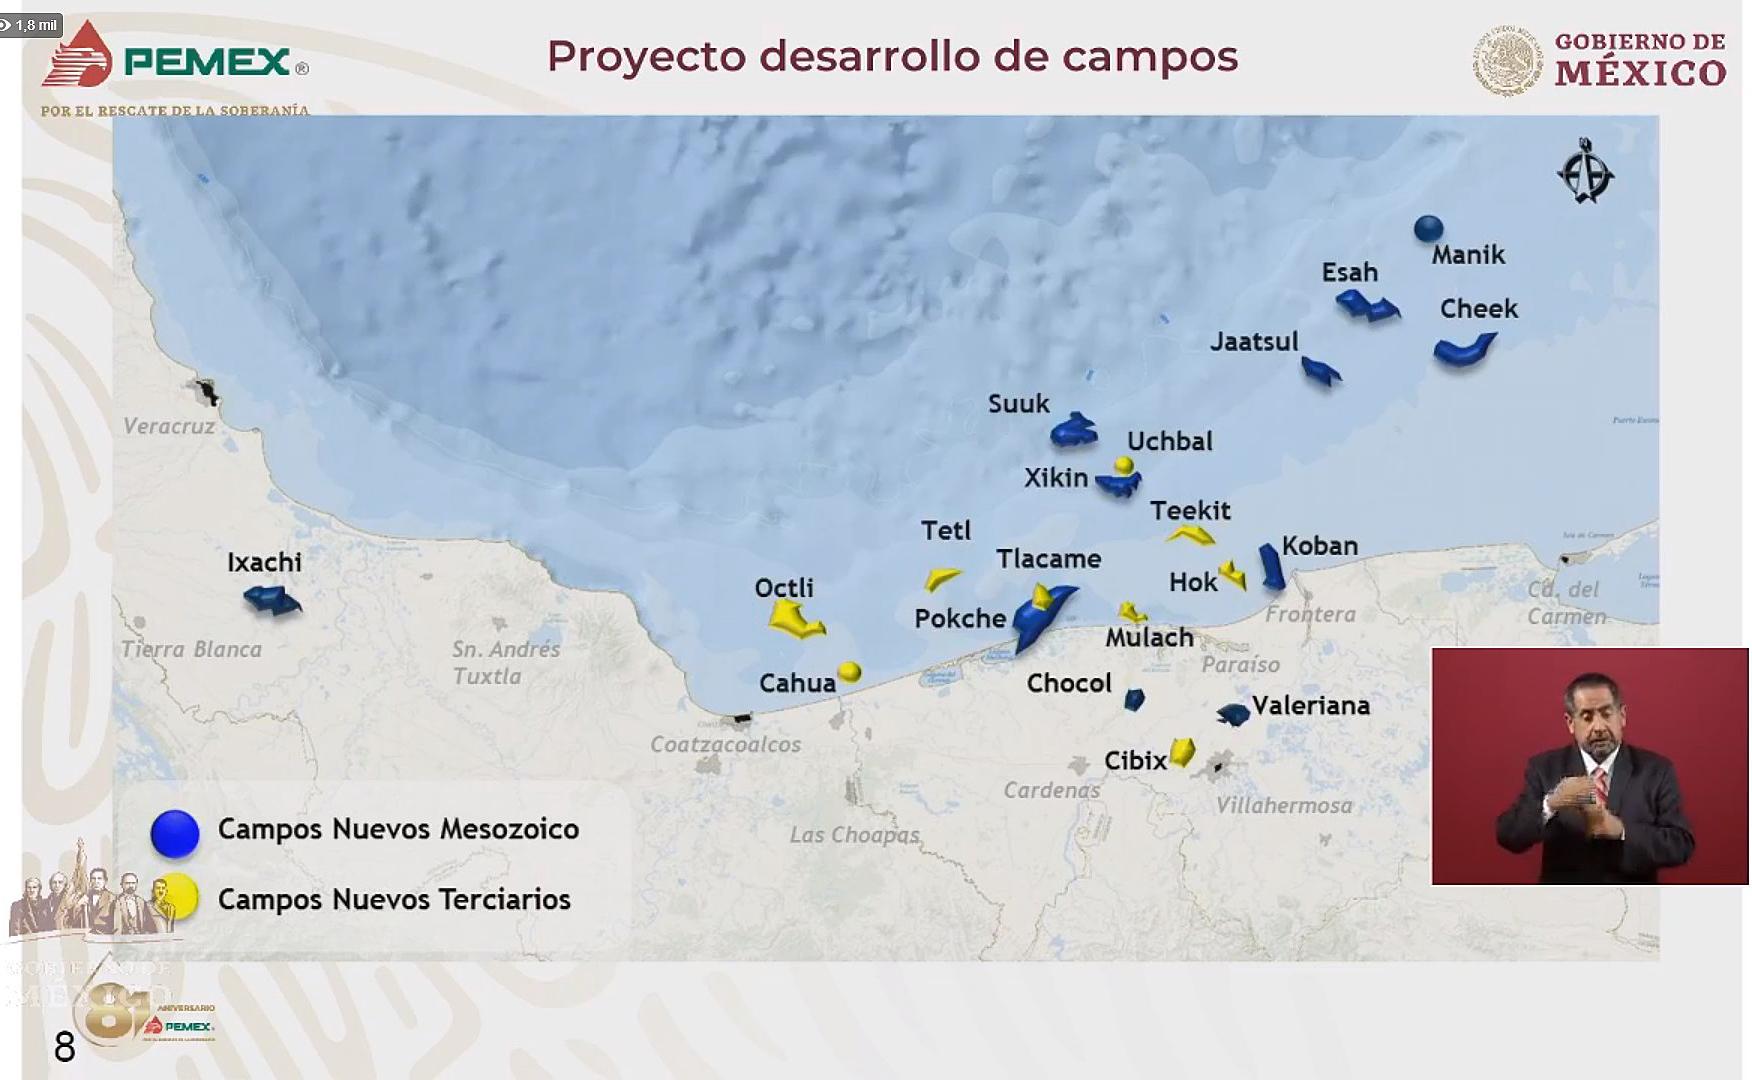 """A poco más de 100 días del actual gobierno, el titular de Petróleos Mexicanos (Pemex), Octavio Romero Oropeza, afirmó que la caída de producción de petróleo """"ya se detuvo"""" y se ha estabilizado, por lo que confía que con el desarrollo de 20 campos este año se incrementará la fabricación del hidrocarburo. Imagen: Captura de video"""